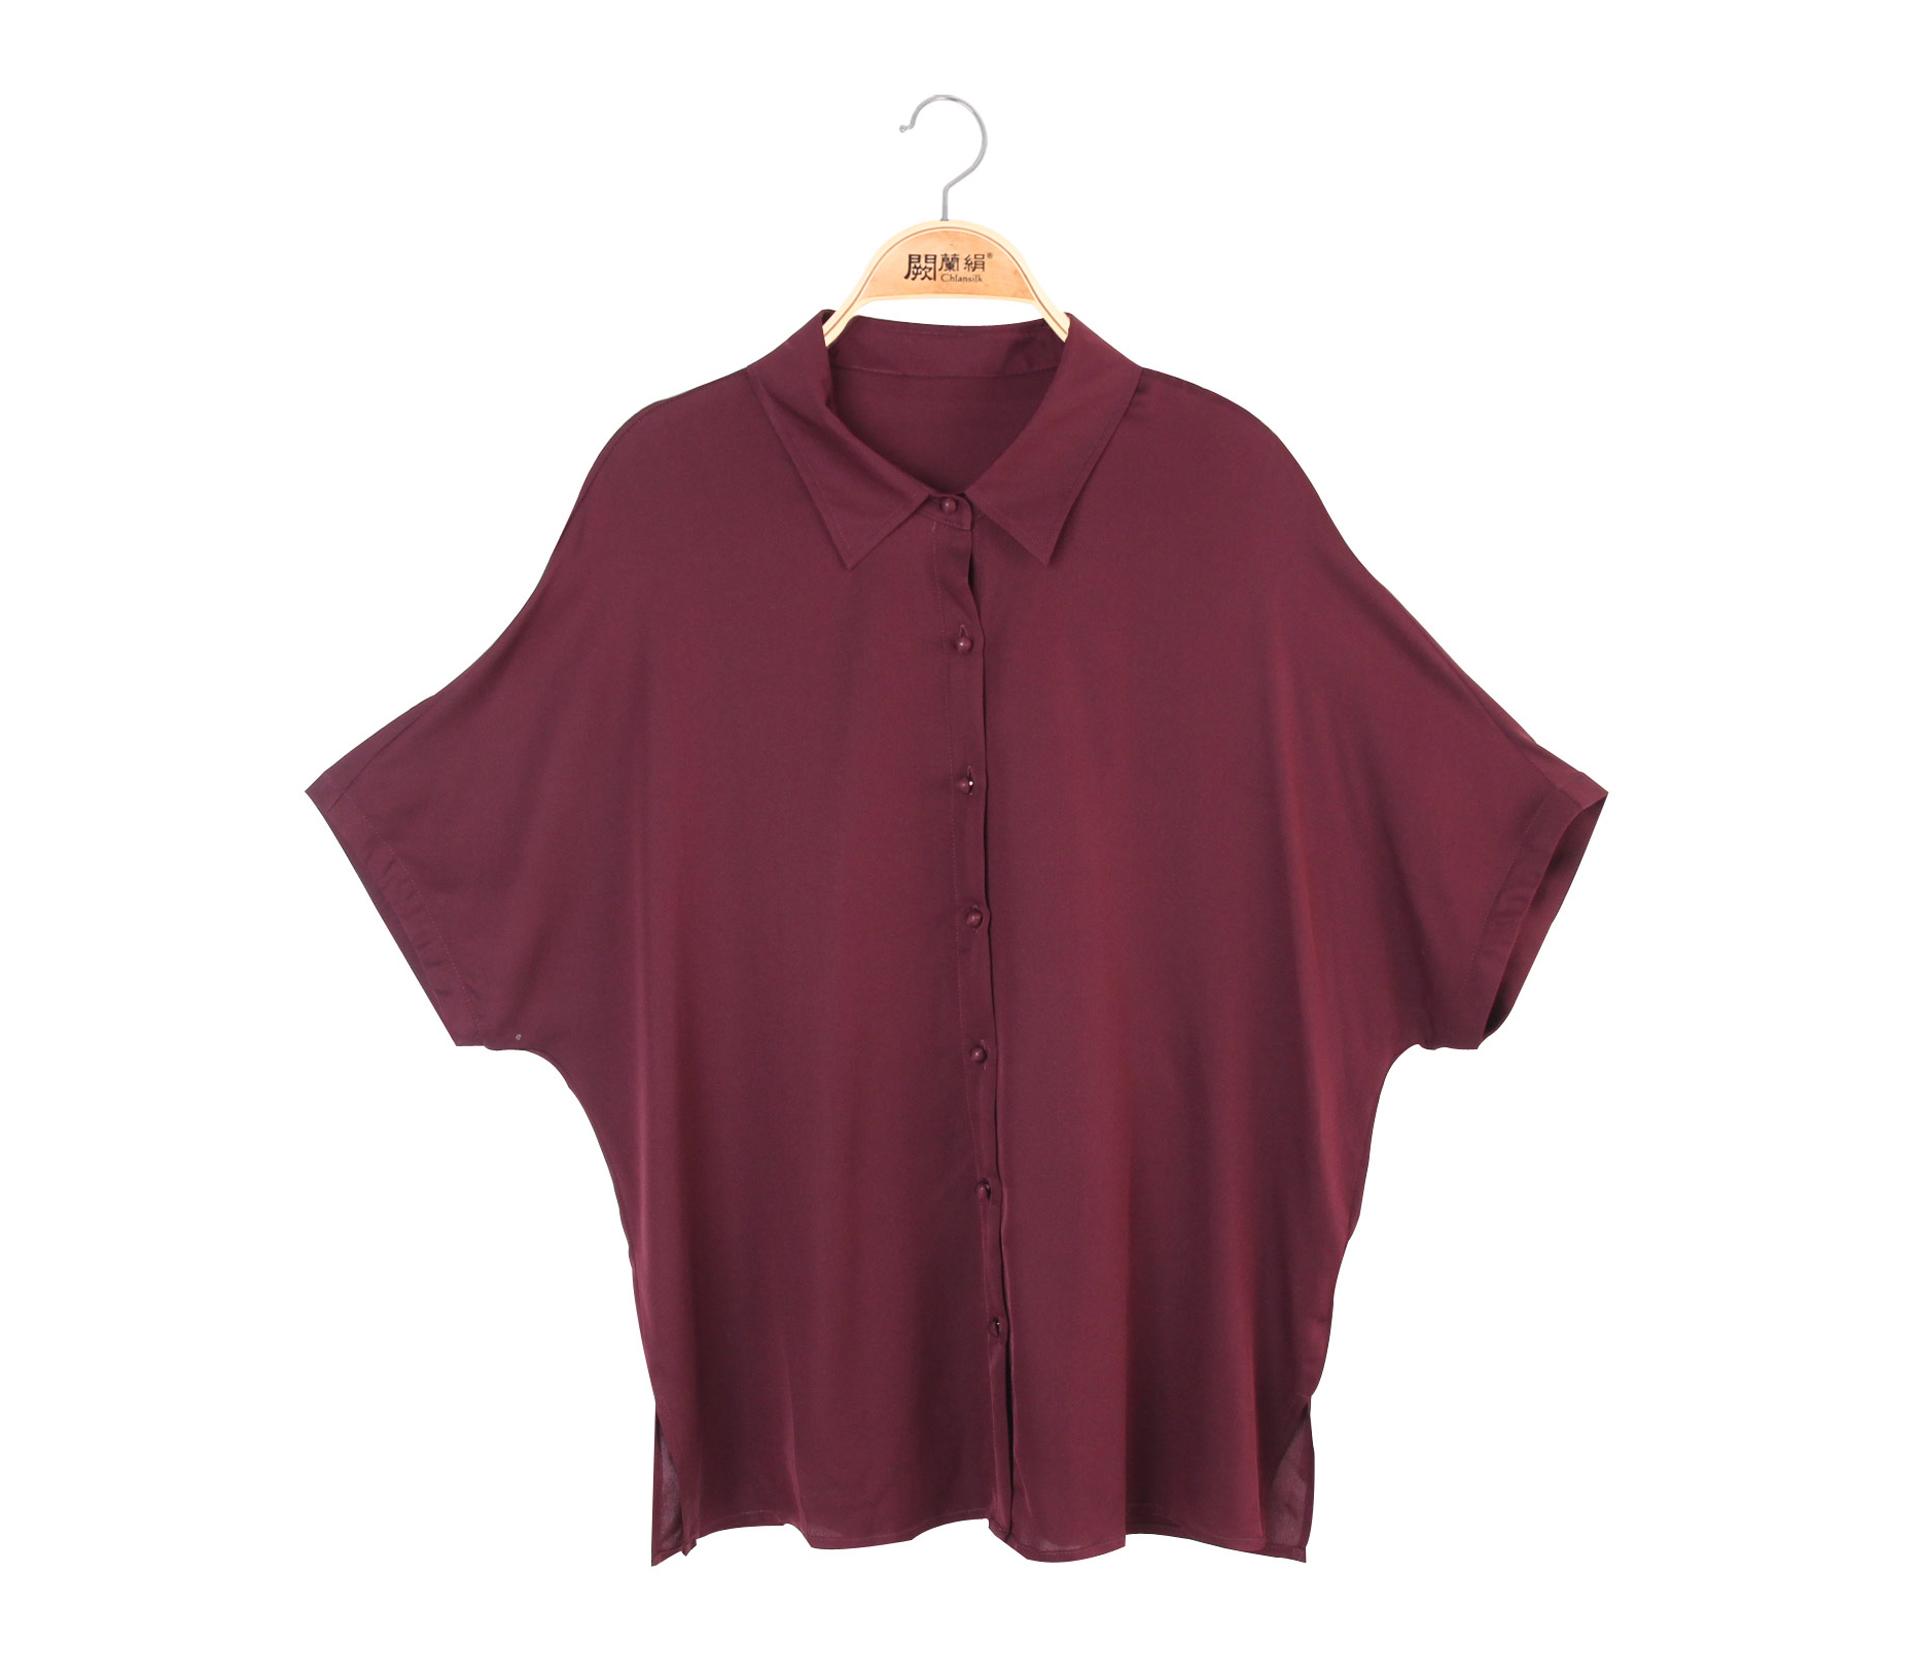 闕蘭絹優雅知性雪紡短袖襯衫蠶絲上衣 – 紫 -6416